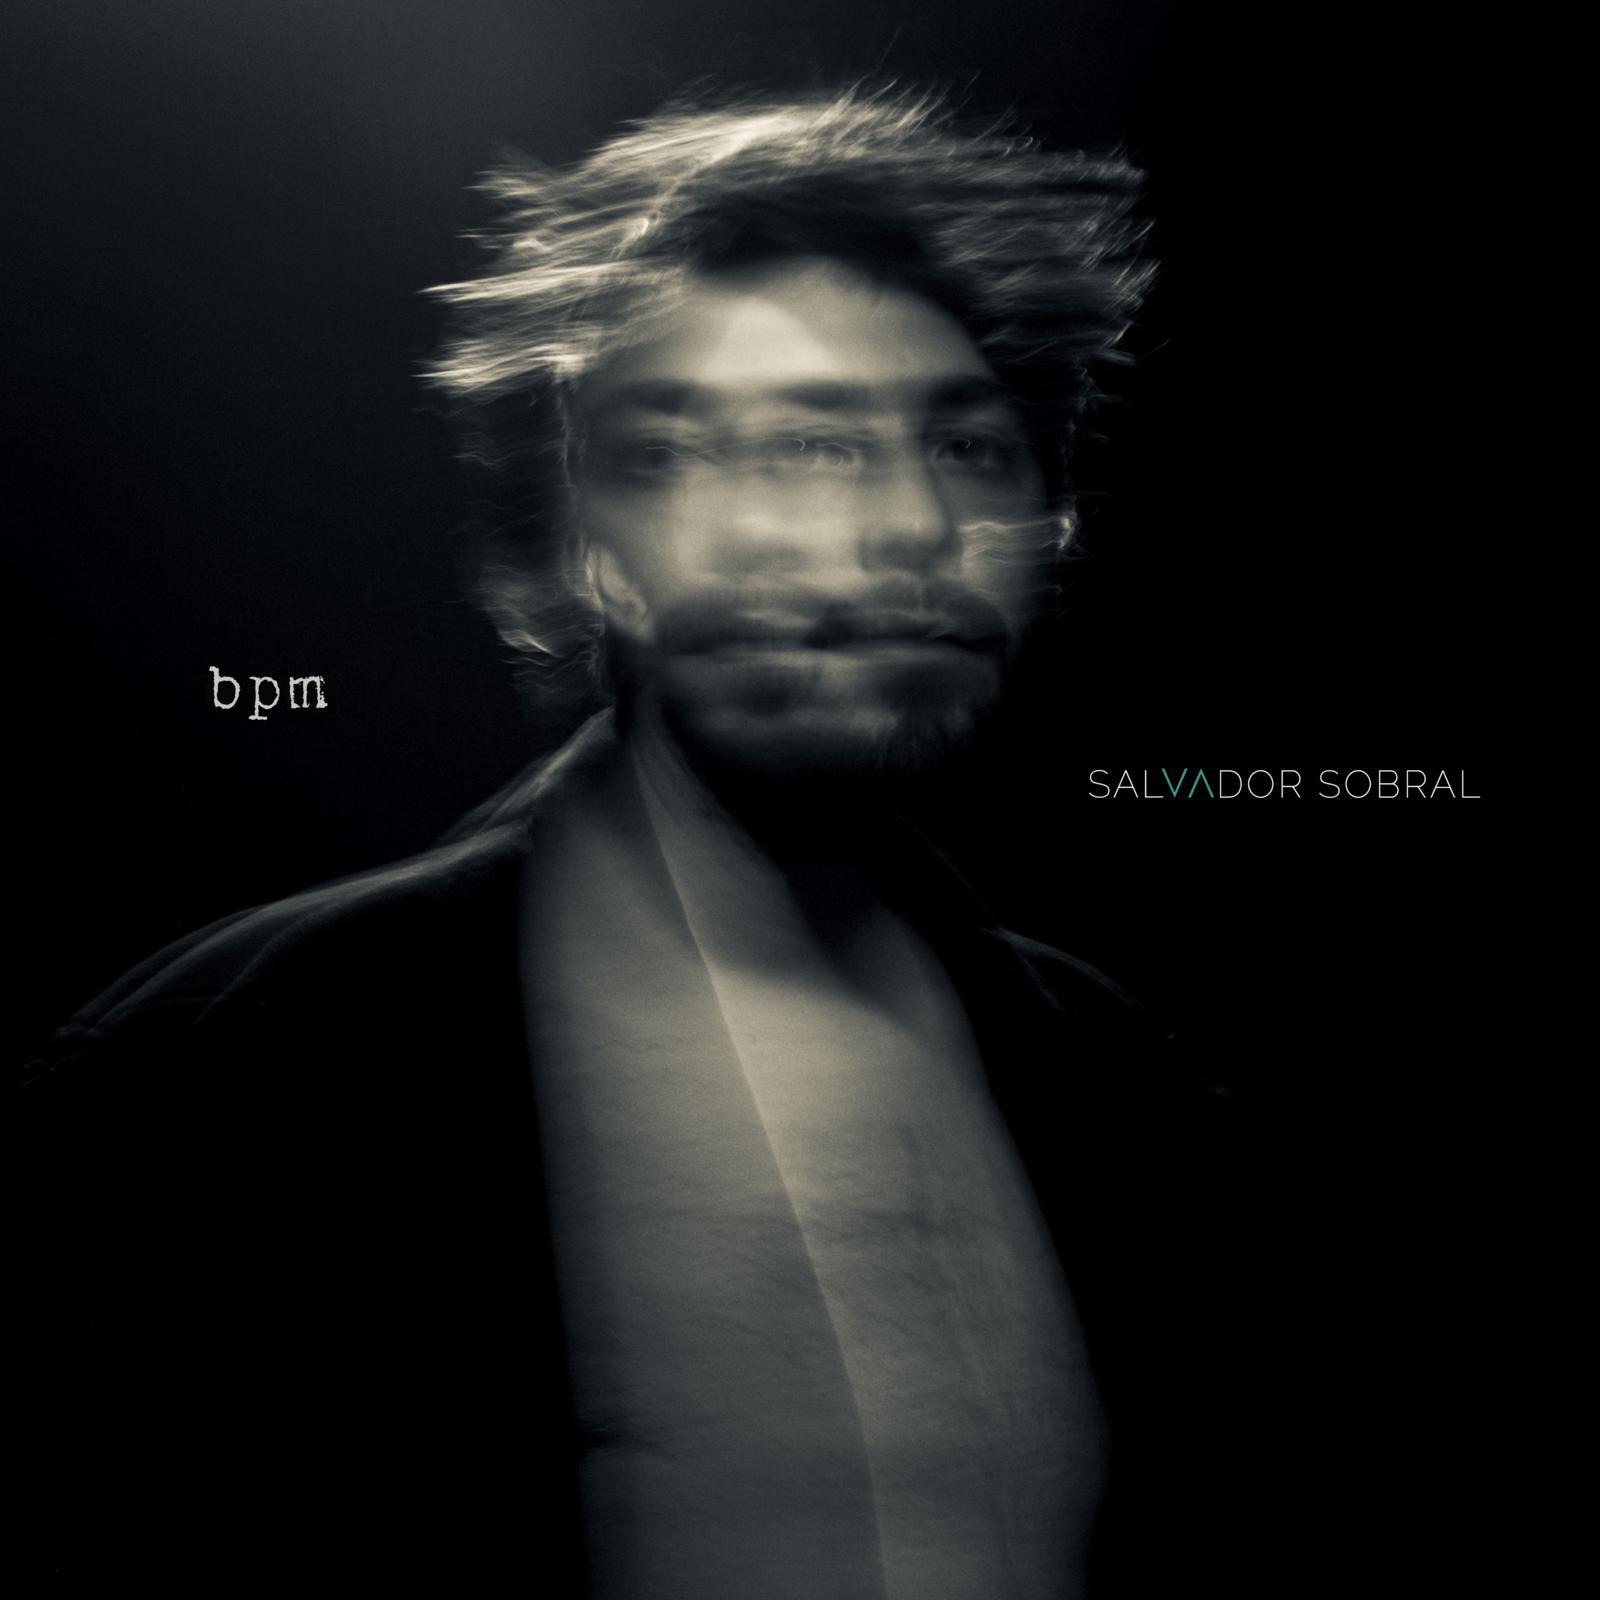 """Salvador Sobral lança novo disco """"bpm"""": """"Os batimentos do coração é o que dá pulso à música, o que a faz viver"""""""